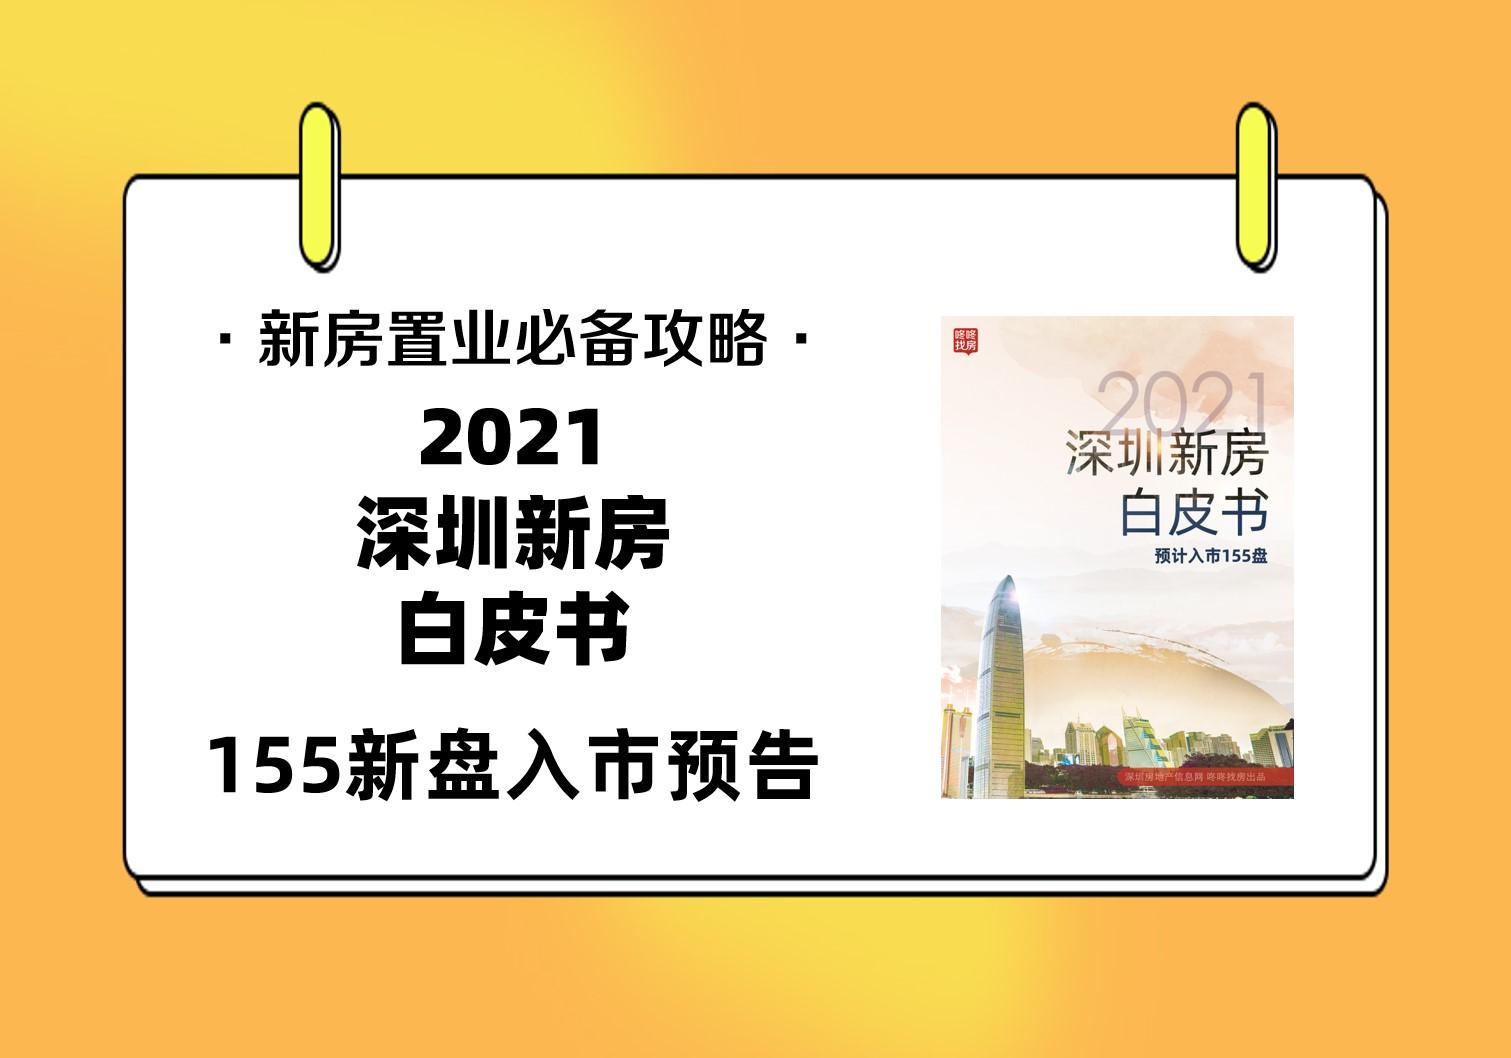 置业必备攻略:《2021深圳新房白皮书》